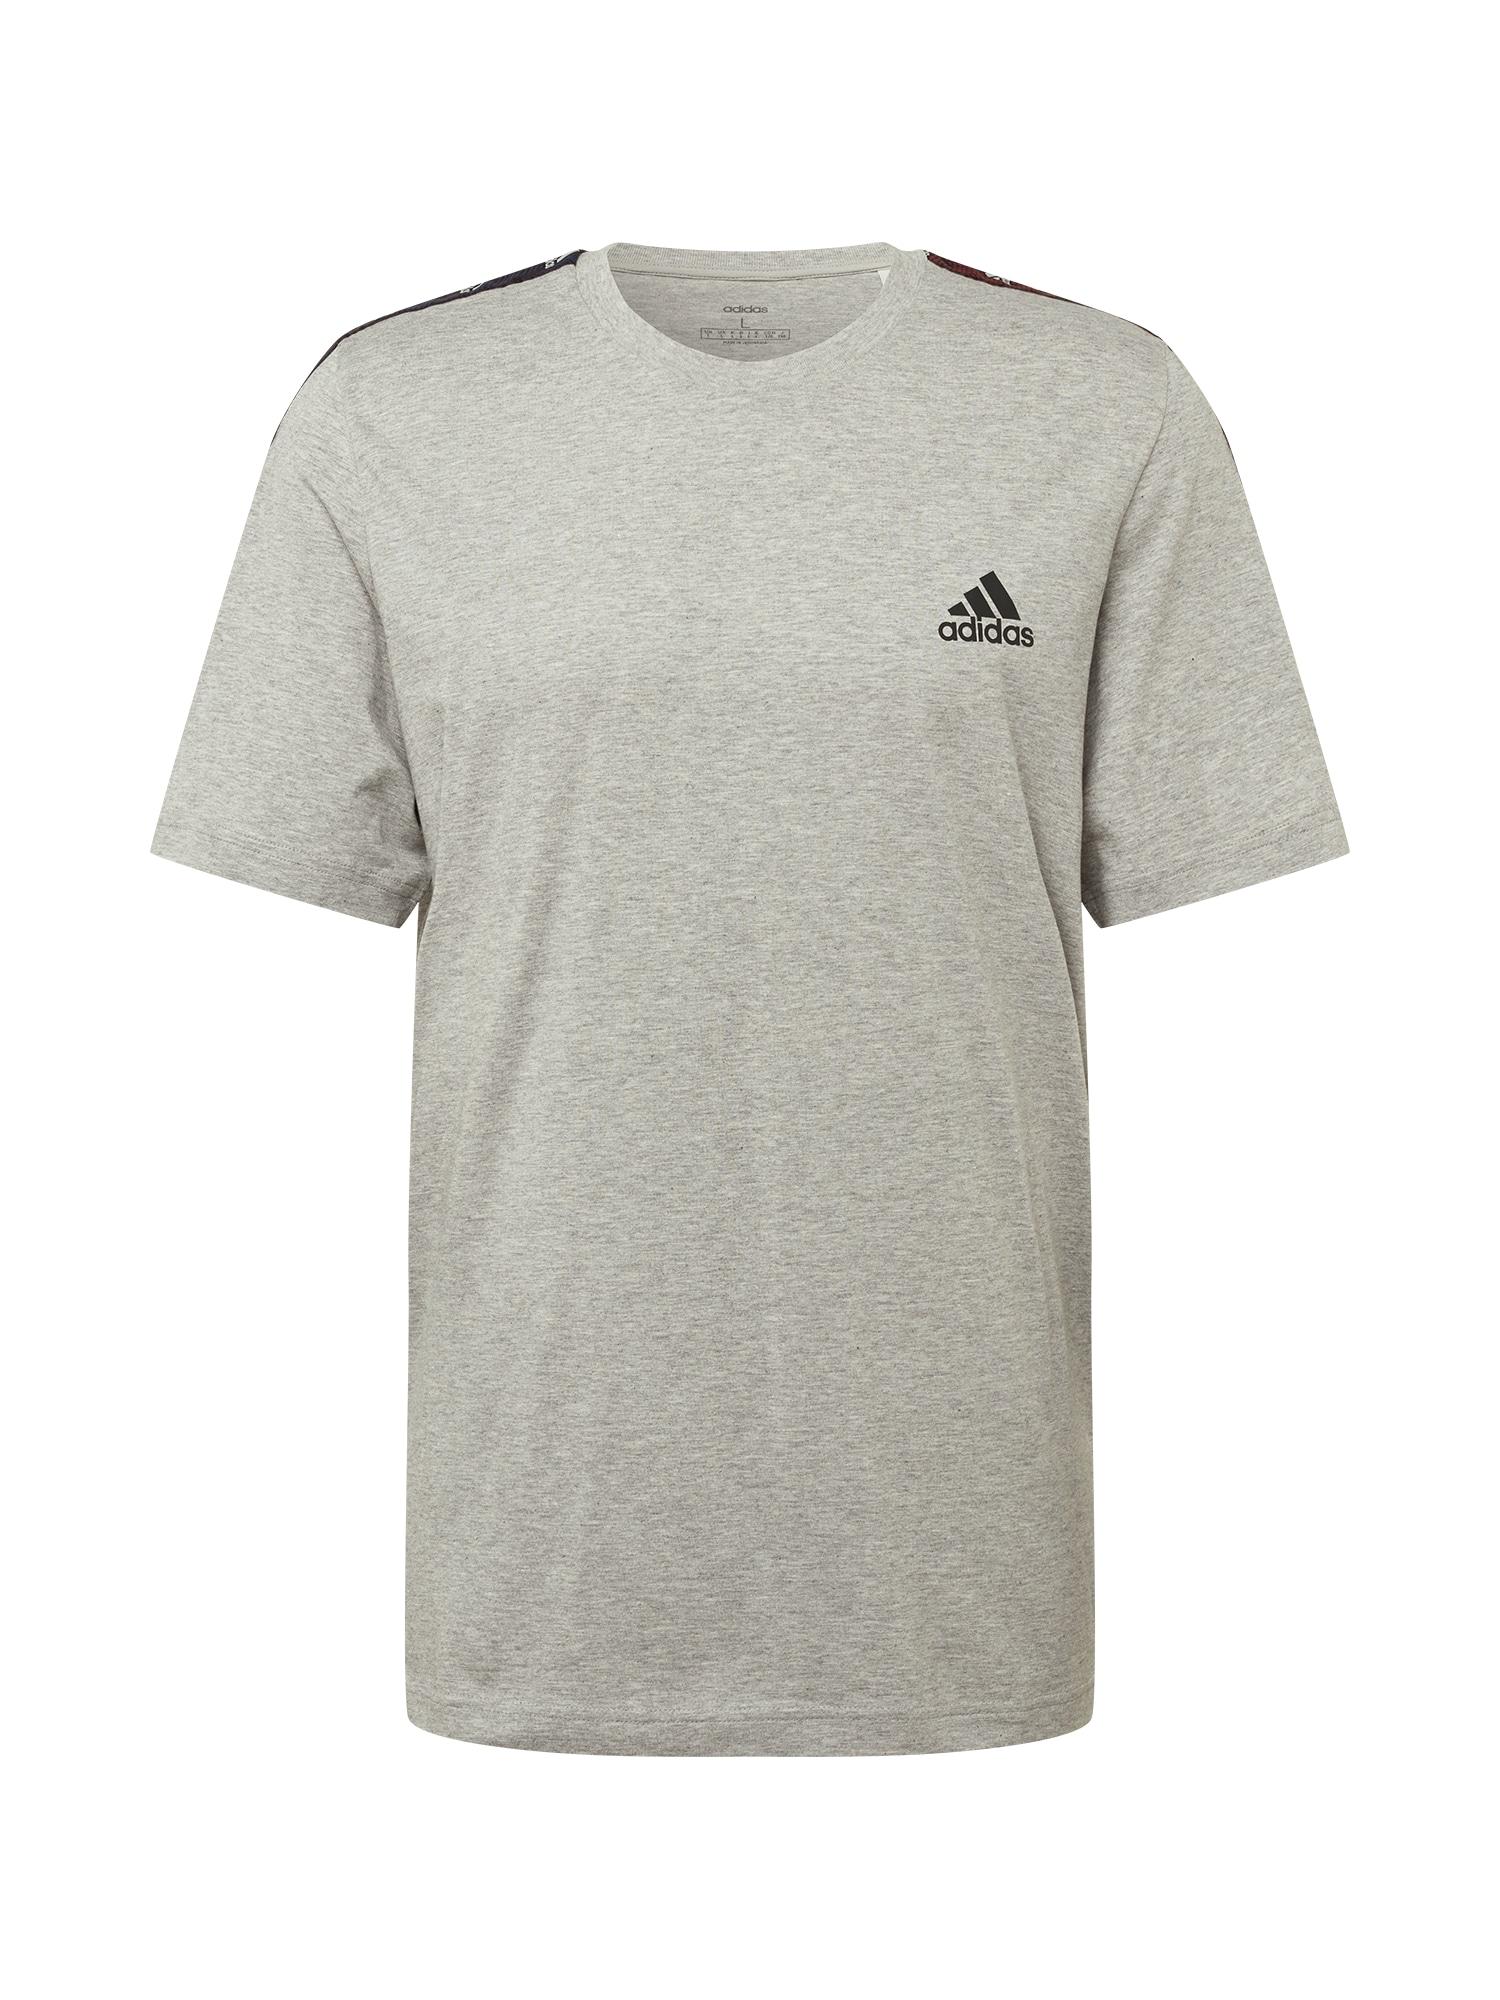 ADIDAS PERFORMANCE Sportiniai marškinėliai margai pilka